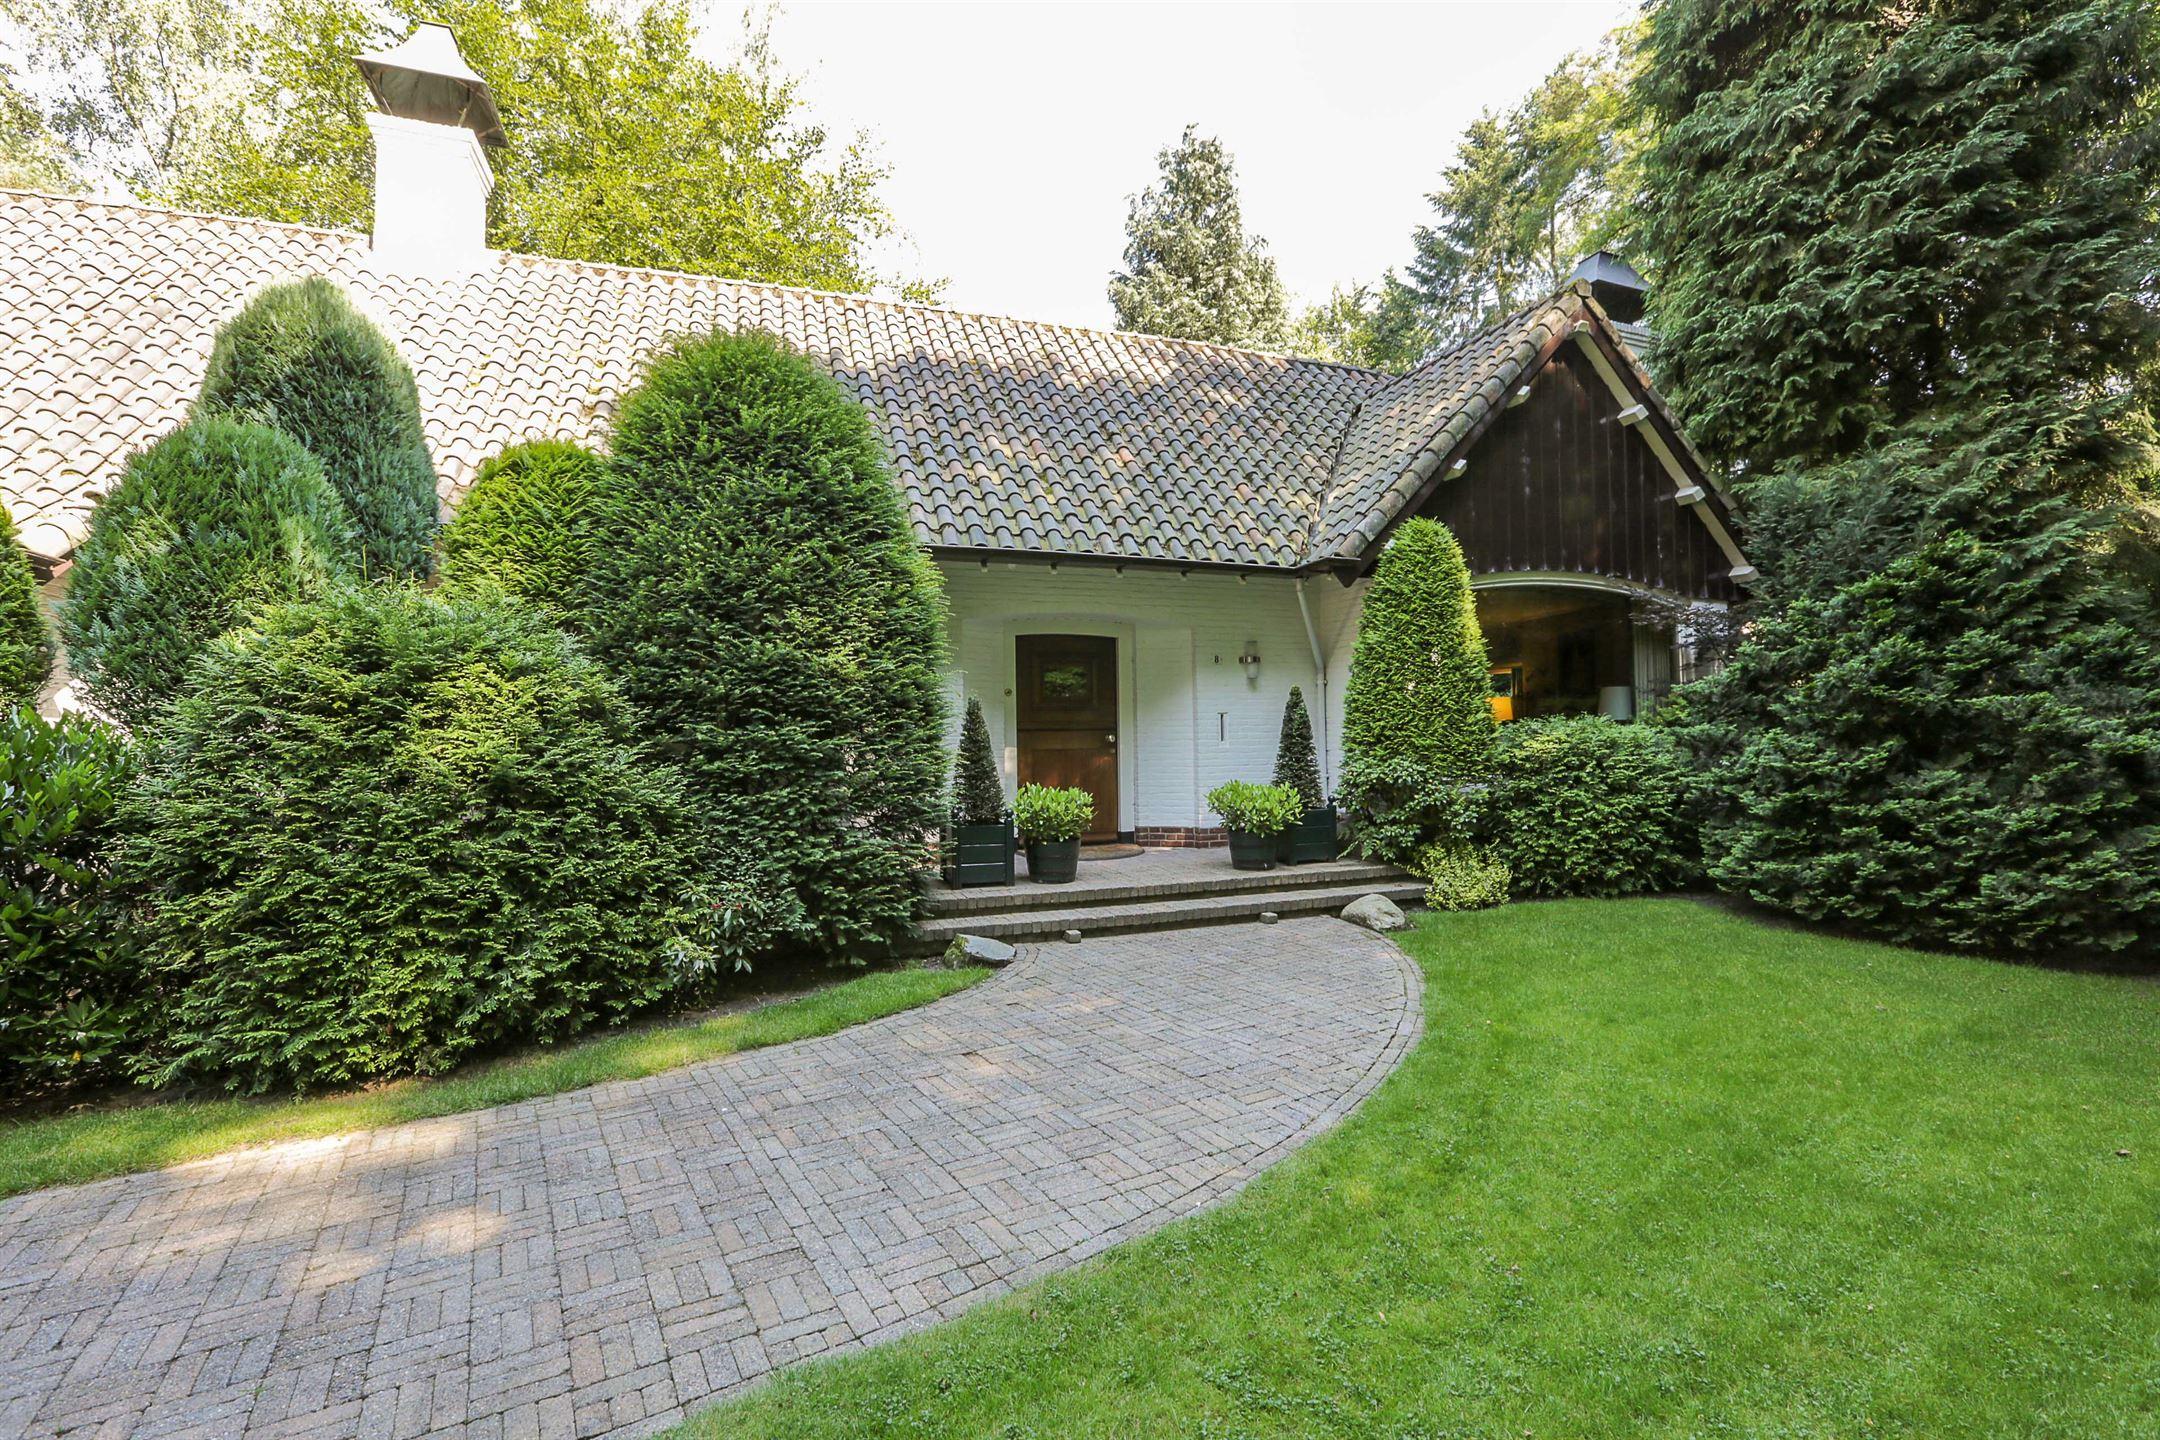 Huis te koop: j.c. wilslaan 8 7313 hl apeldoorn [funda]